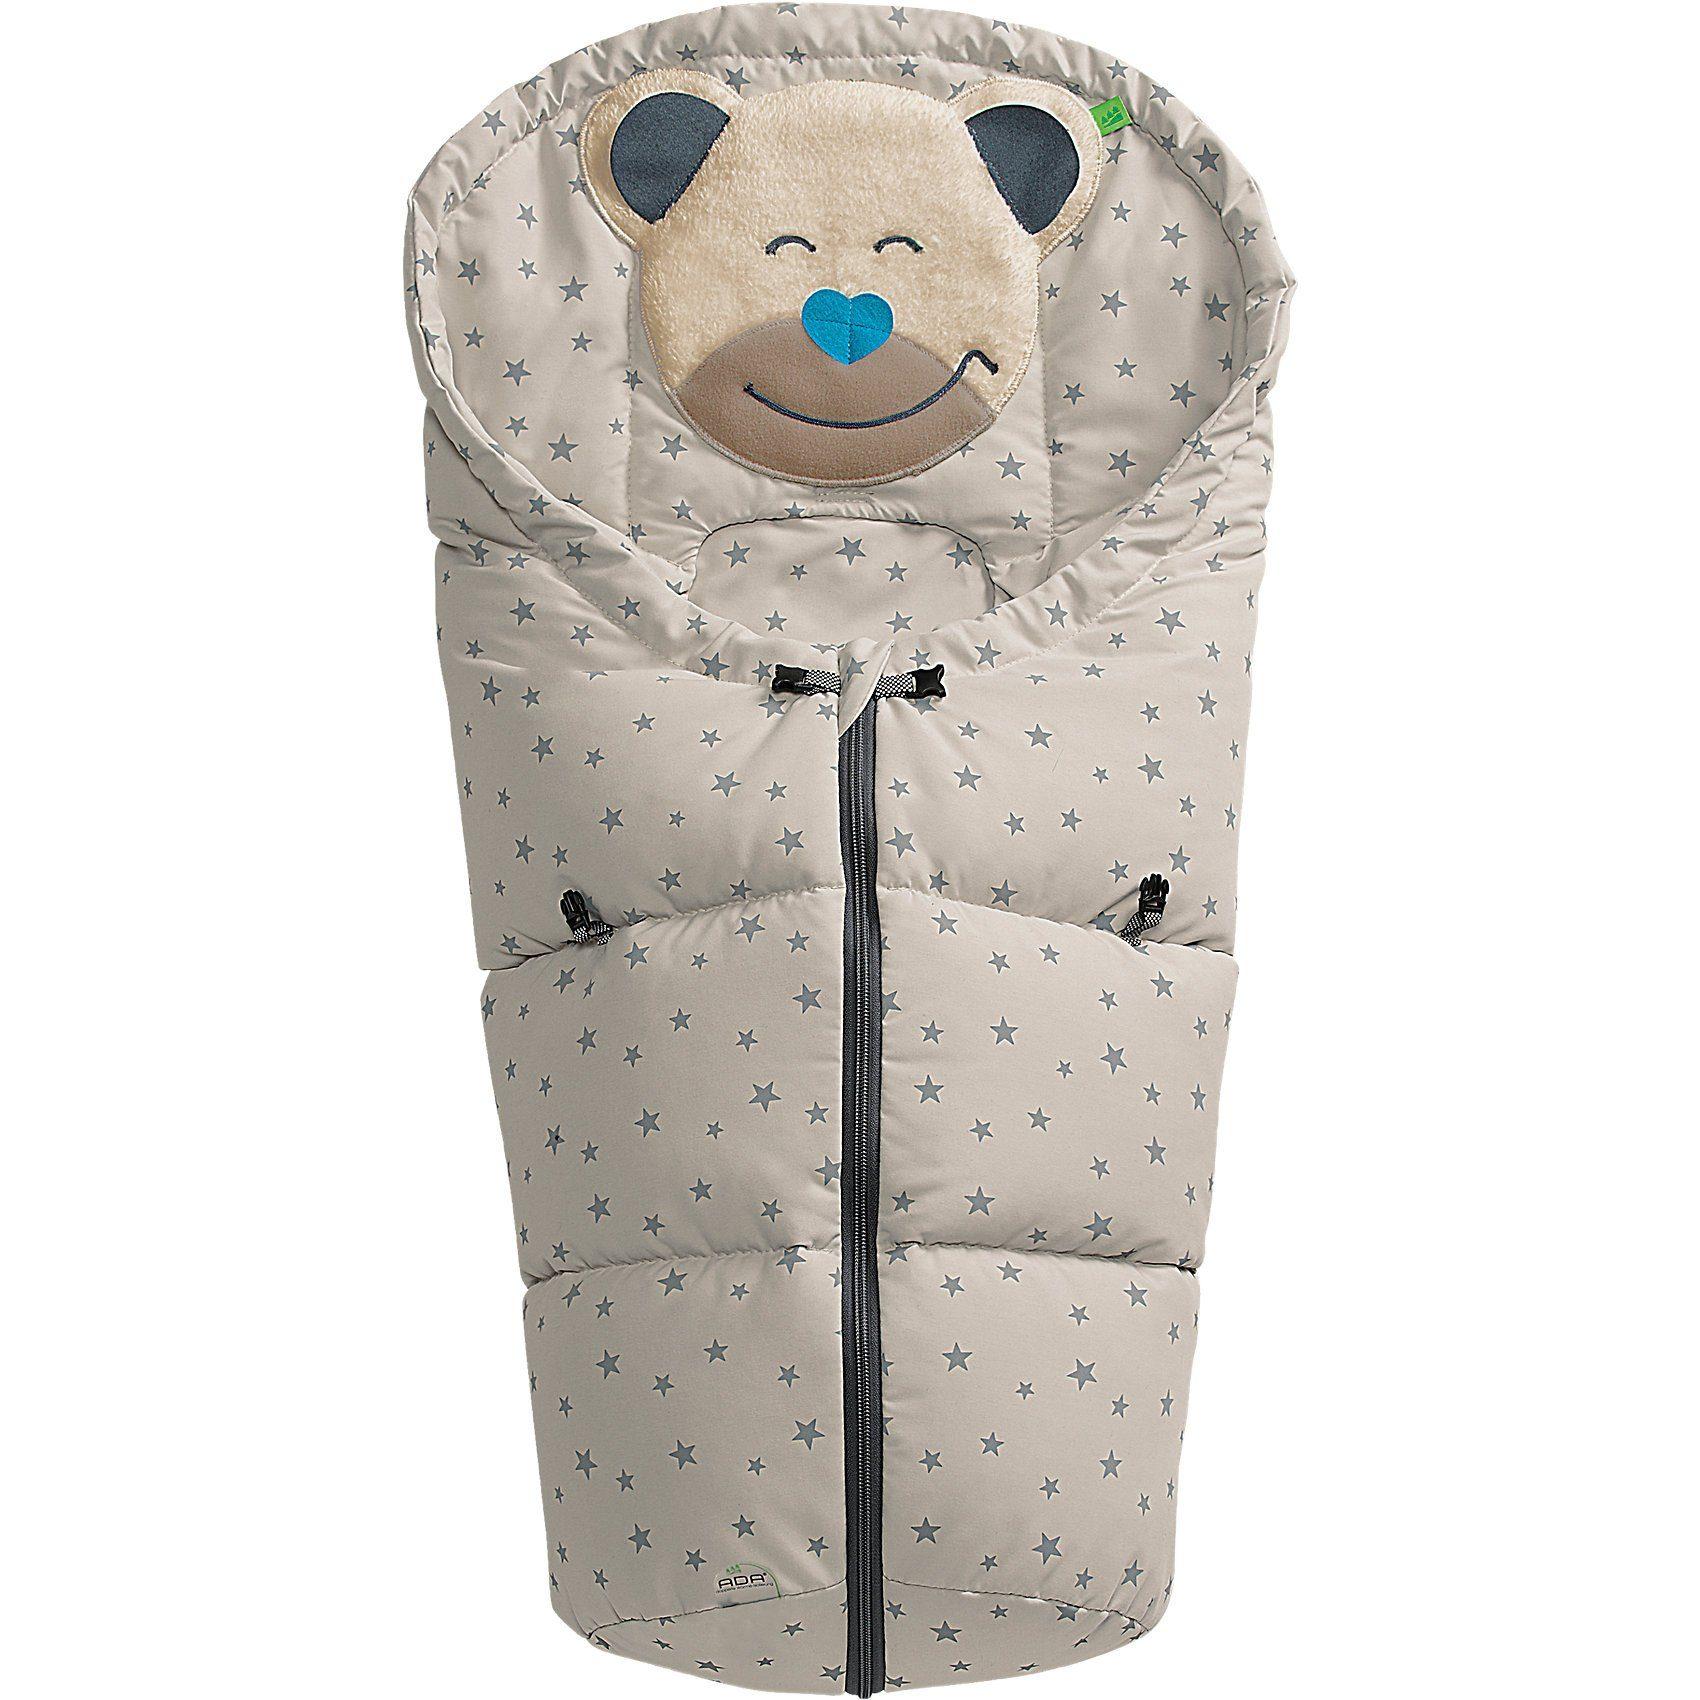 Odenwälder Fußsack für Babyschale und Kinderwagen Mucki Sterne, creme,